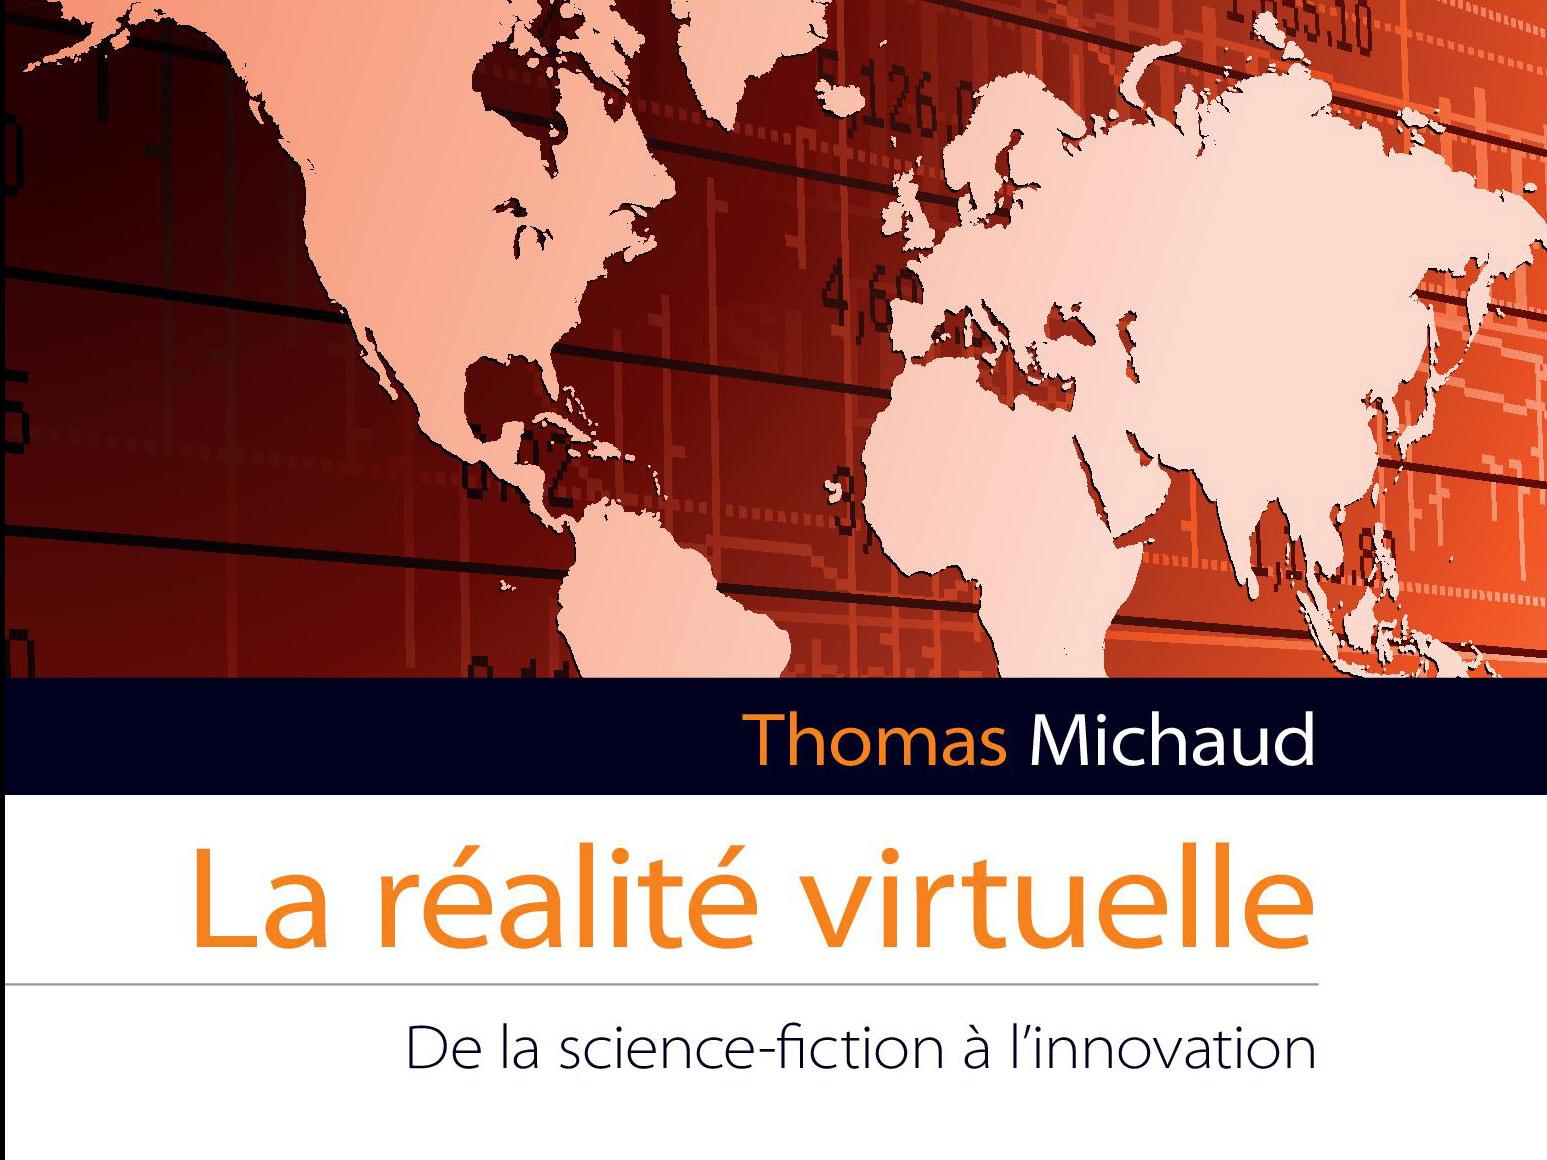 Livre   La réalité virtuelle, de la science-fiction à l'innovation, de Thomas Michaud   L'Harmattan